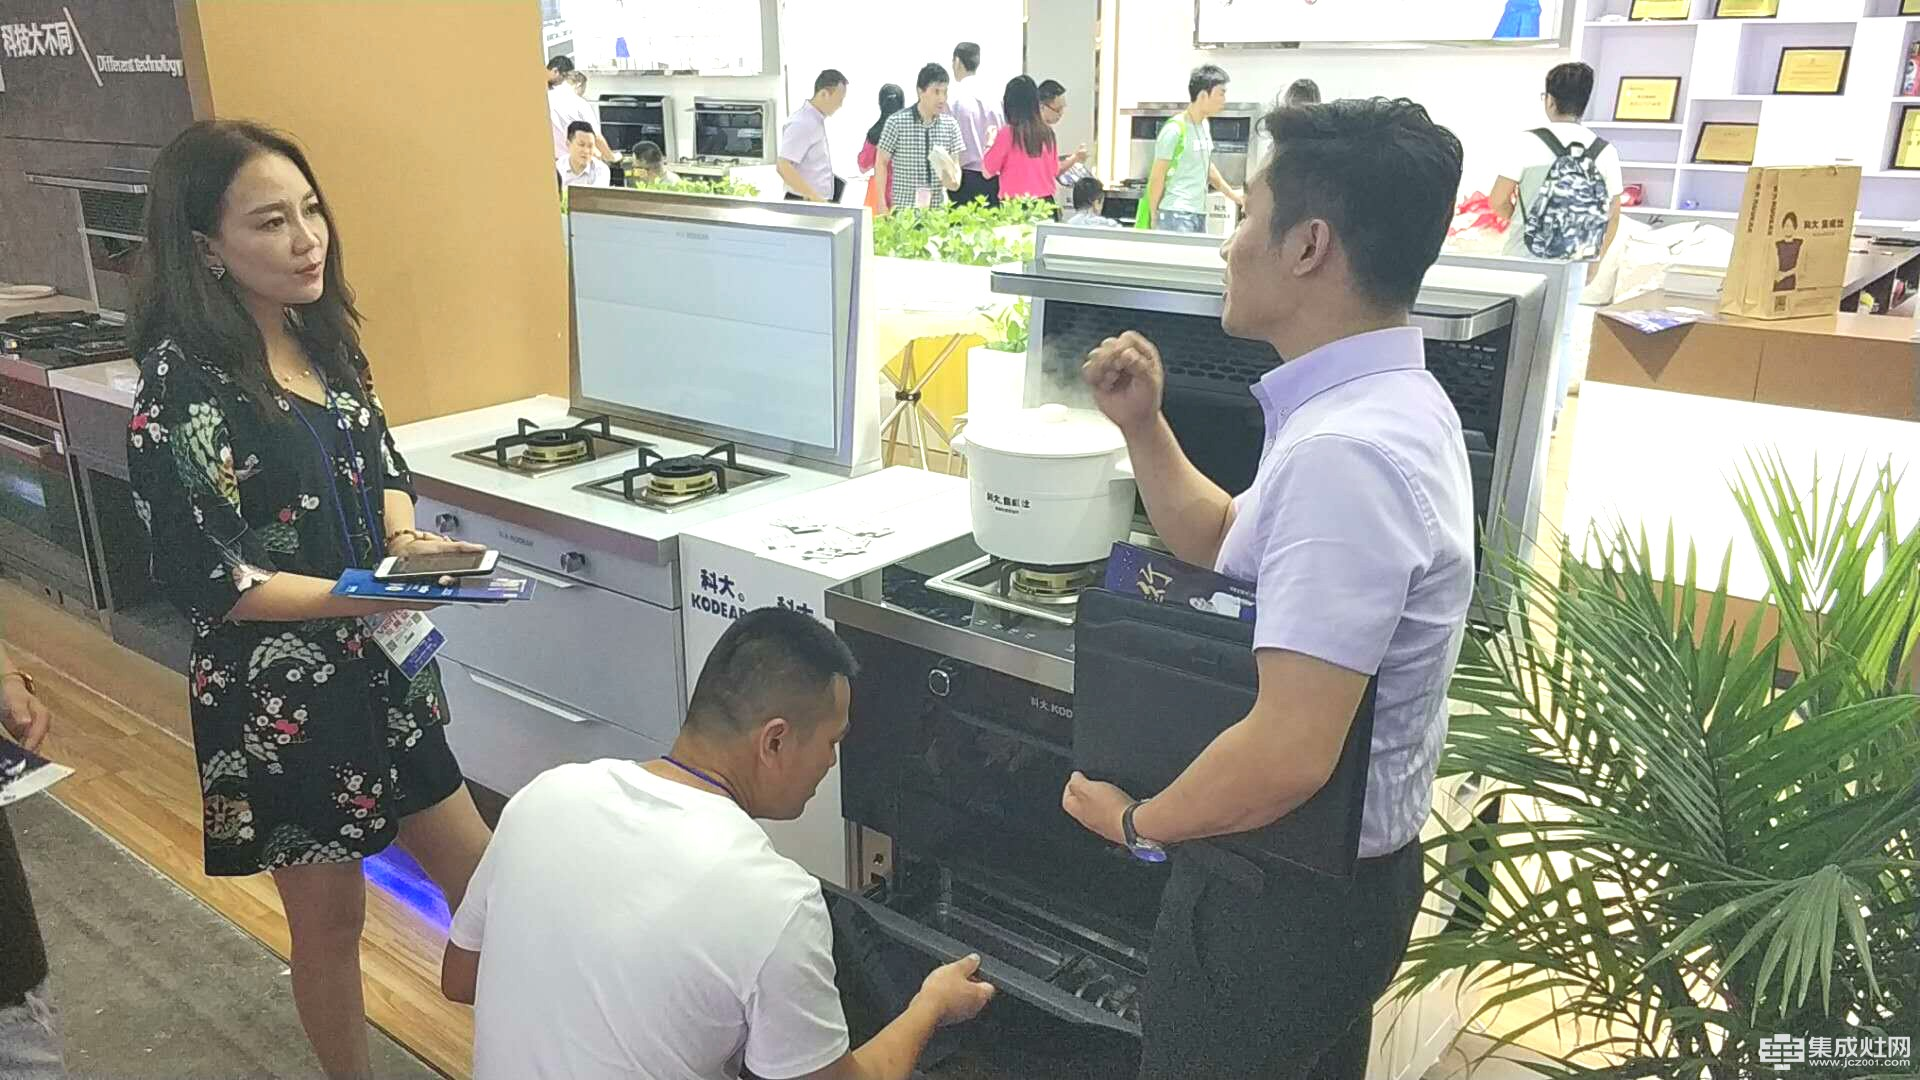 实力抢镜 上海厨卫展最火集成灶品牌就是科大了